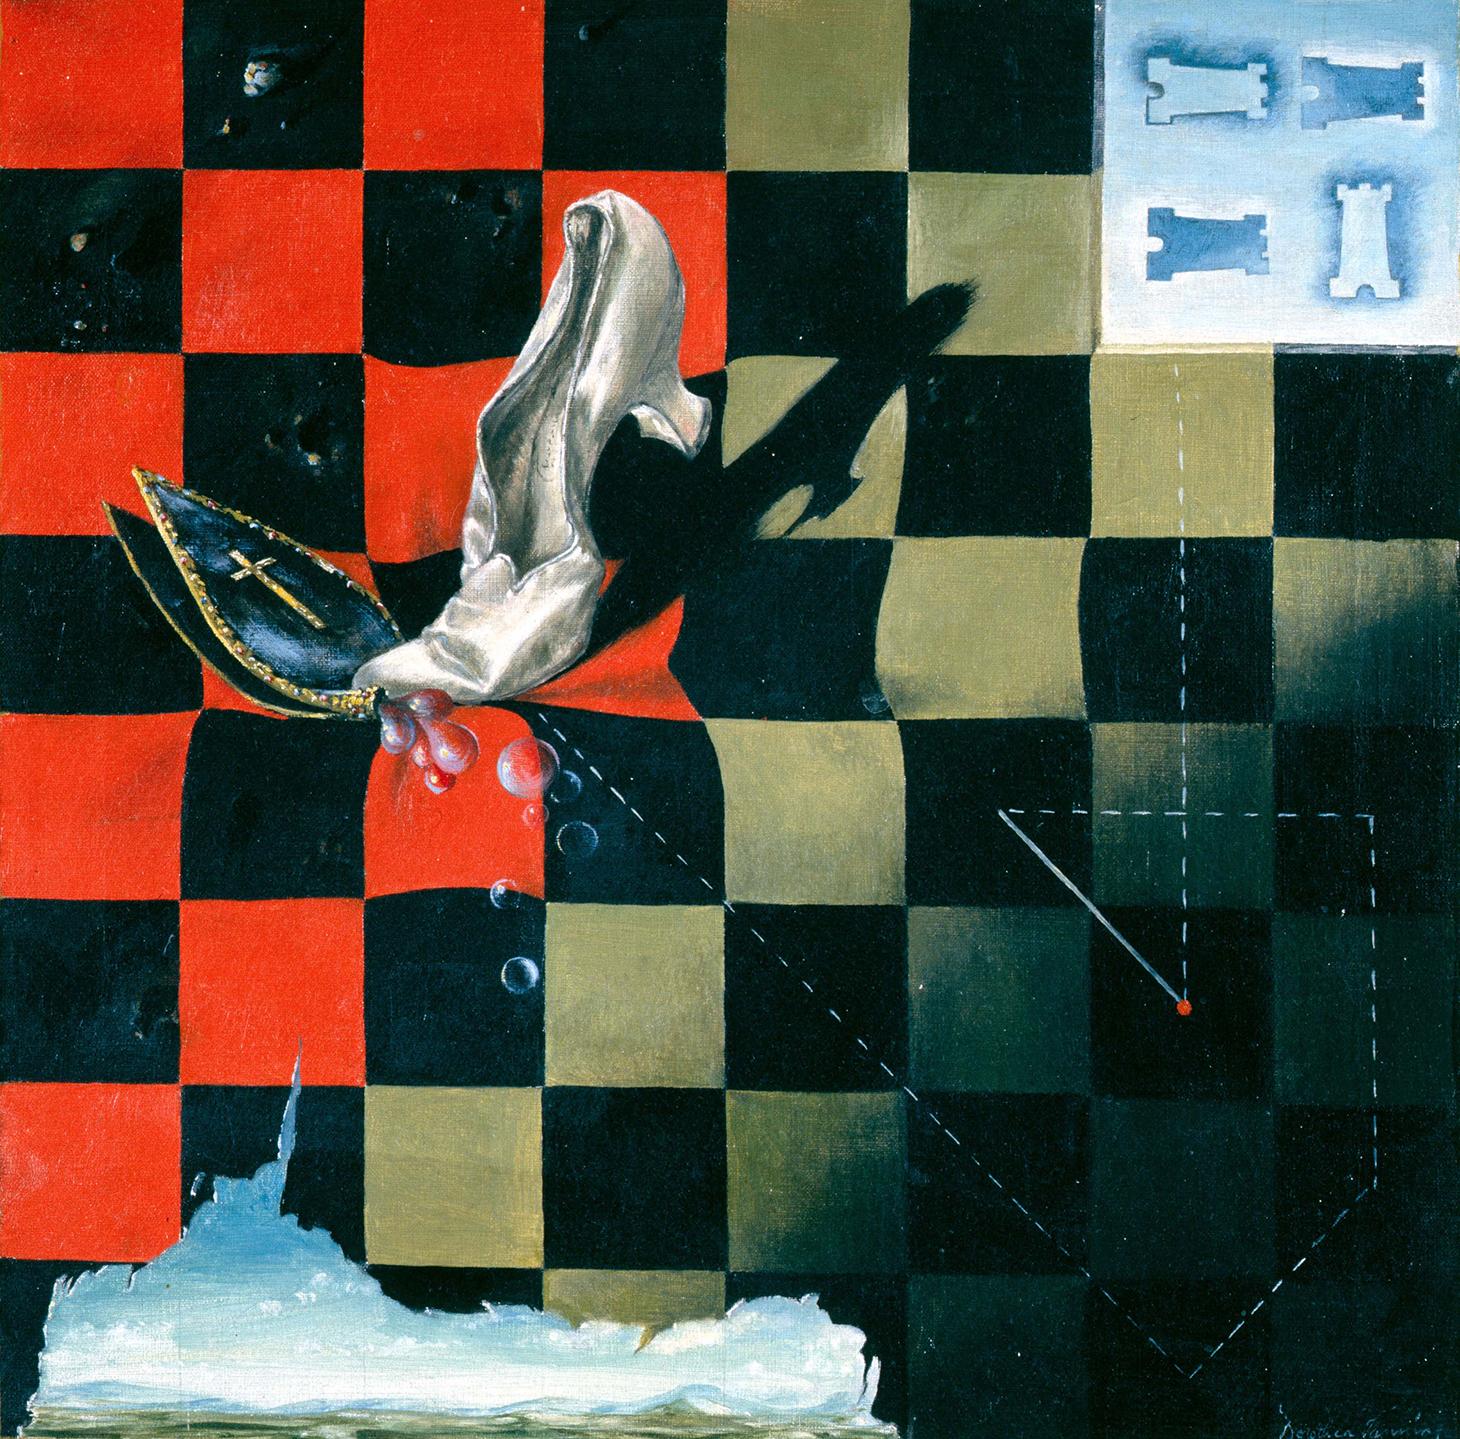 """Dorothea Tanning, """"Endgame"""" (1944), oil paint on canvas, 430 x 430 mm (Collection of Harold & Gertrud Parker. Courtesy Gertrud V. Parker © DACS, 2018)"""